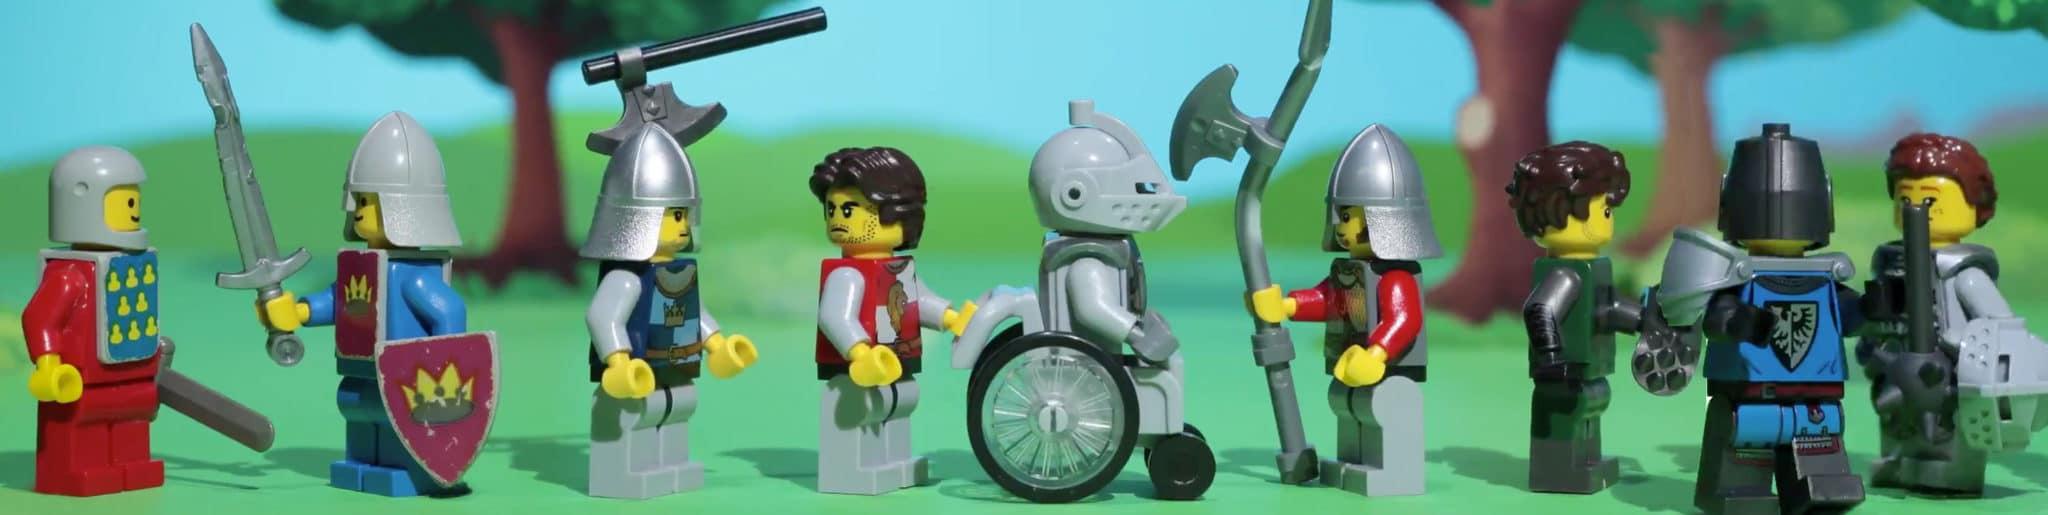 LEGO Ideas 21325 Schmiede Teaser